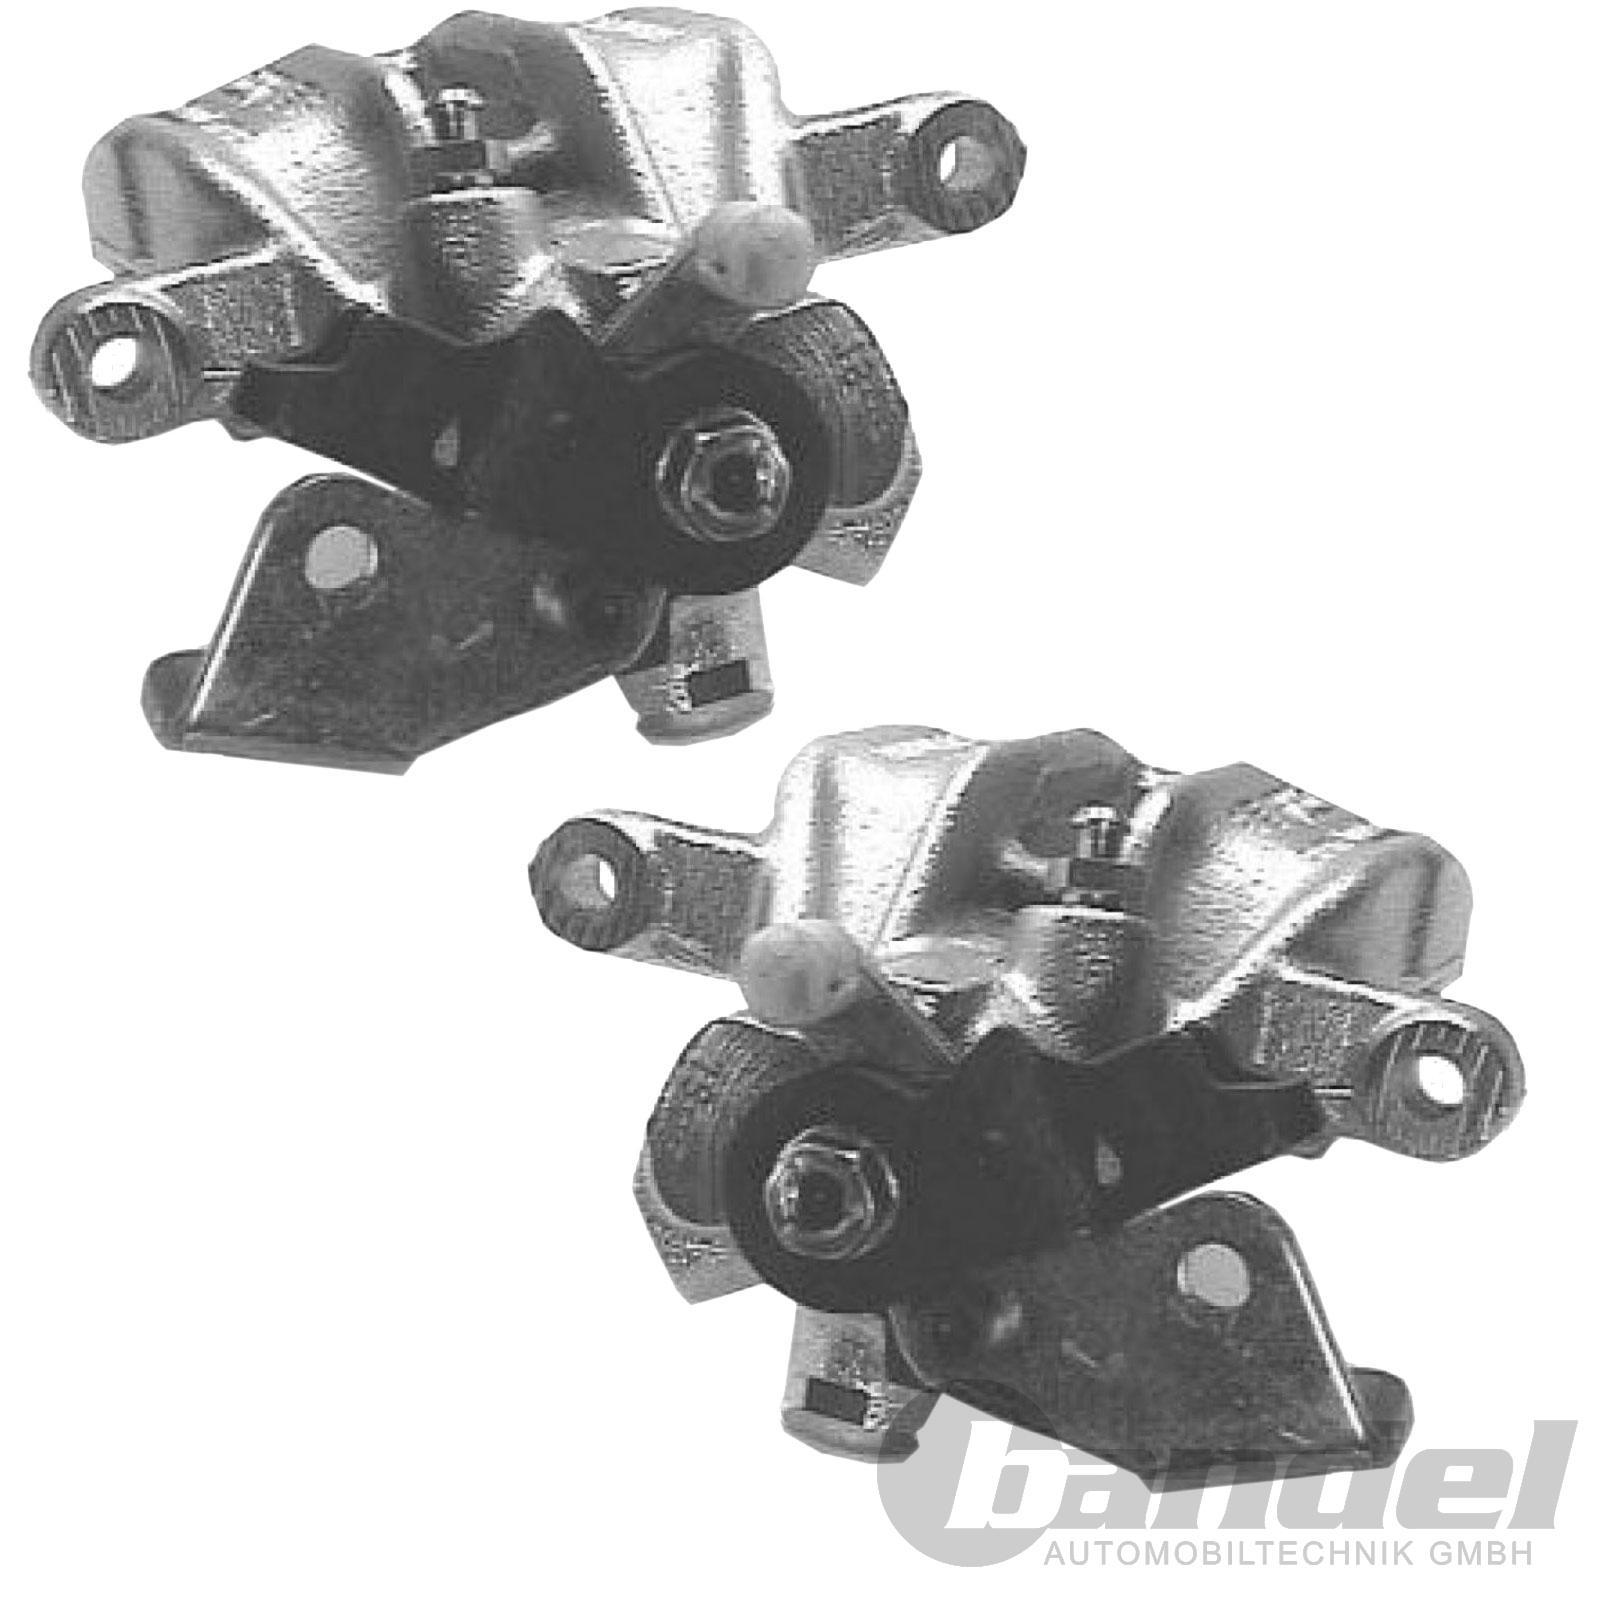 2x Bremsschlauch für Audi A6 C4 Hinten Hinterachse am Bremssattel